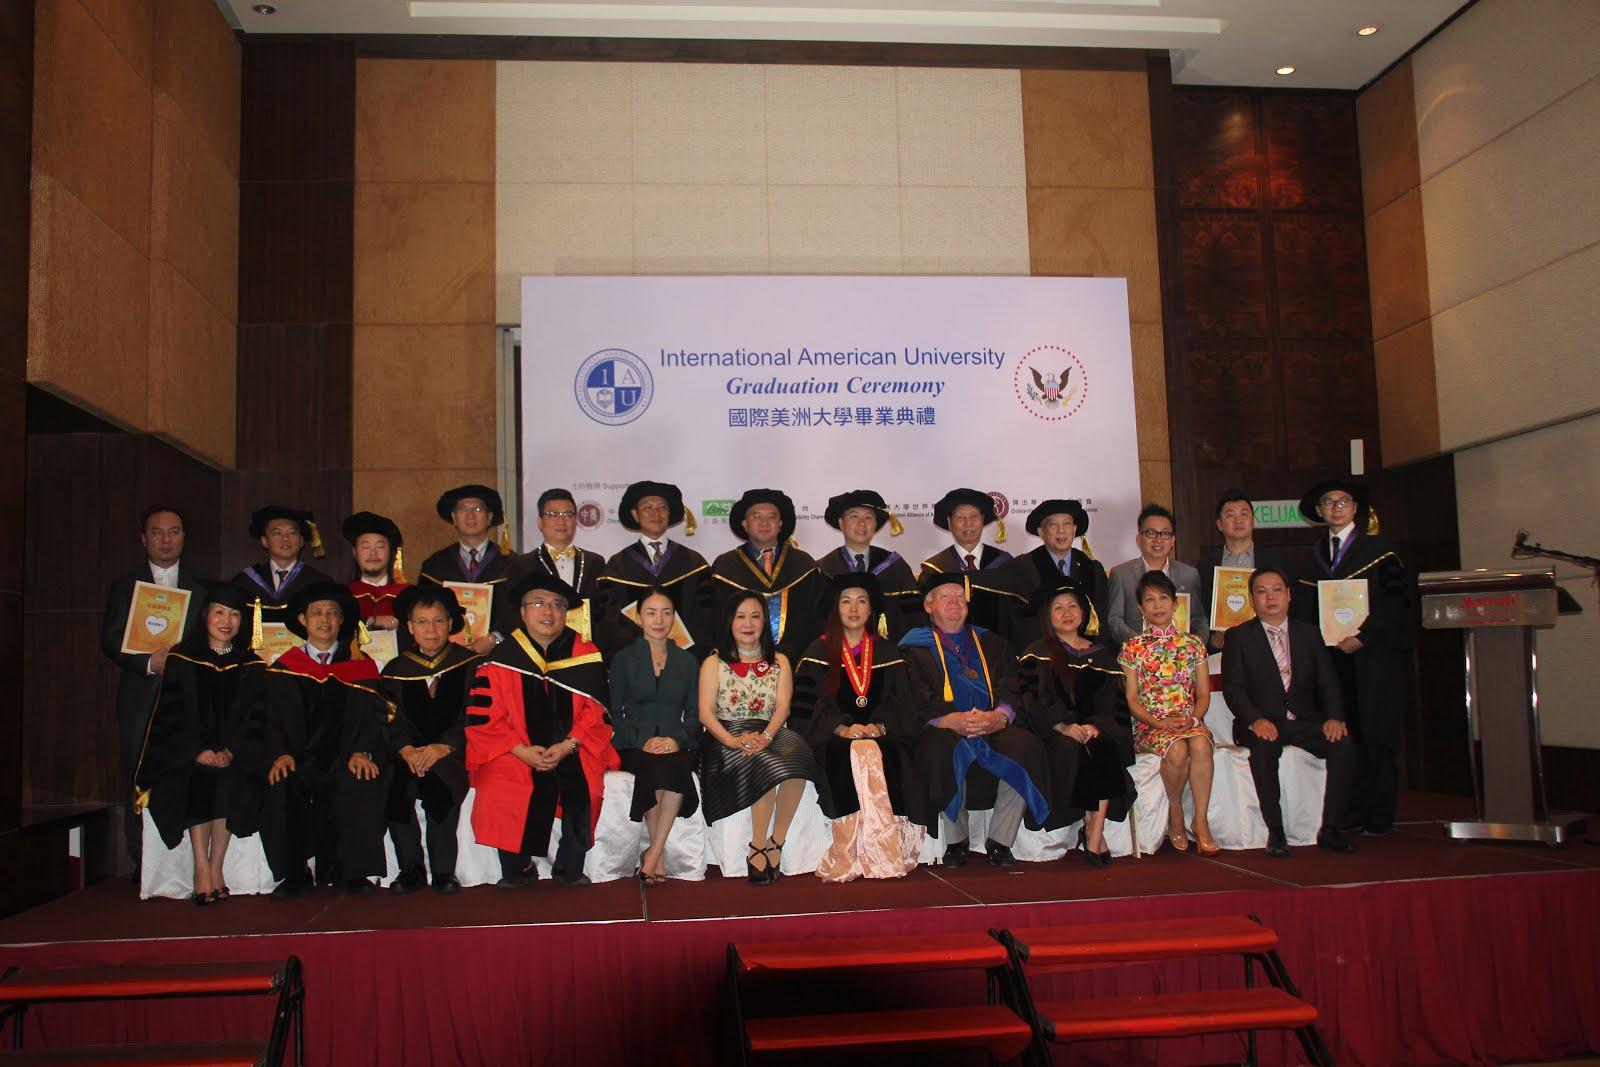 多名校友出席兄弟學校,IAU在吉隆坡畢業典禮